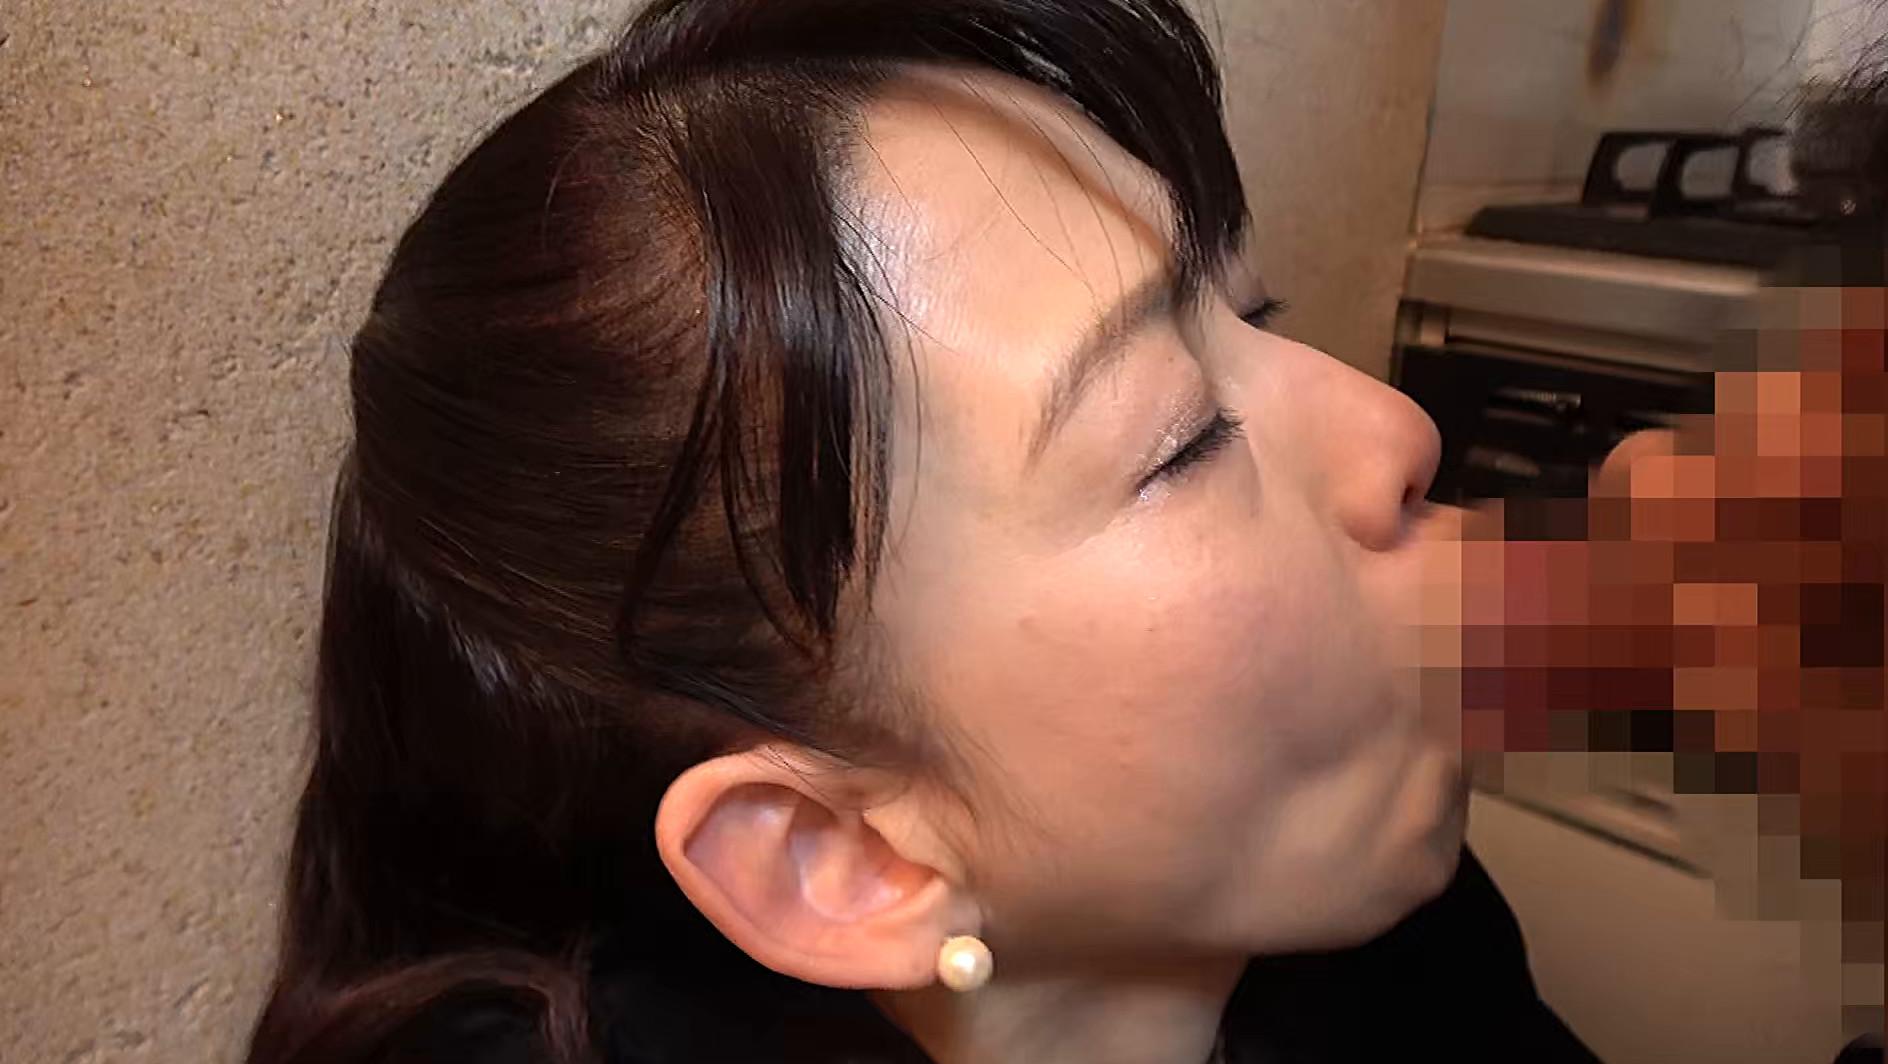 昭和猥褻官能ドラマ 葬式の夜、義兄に襲われた五十路の喪服未亡人 往診に来た医者に人妻は陰部をイジられ・・・ 画像4